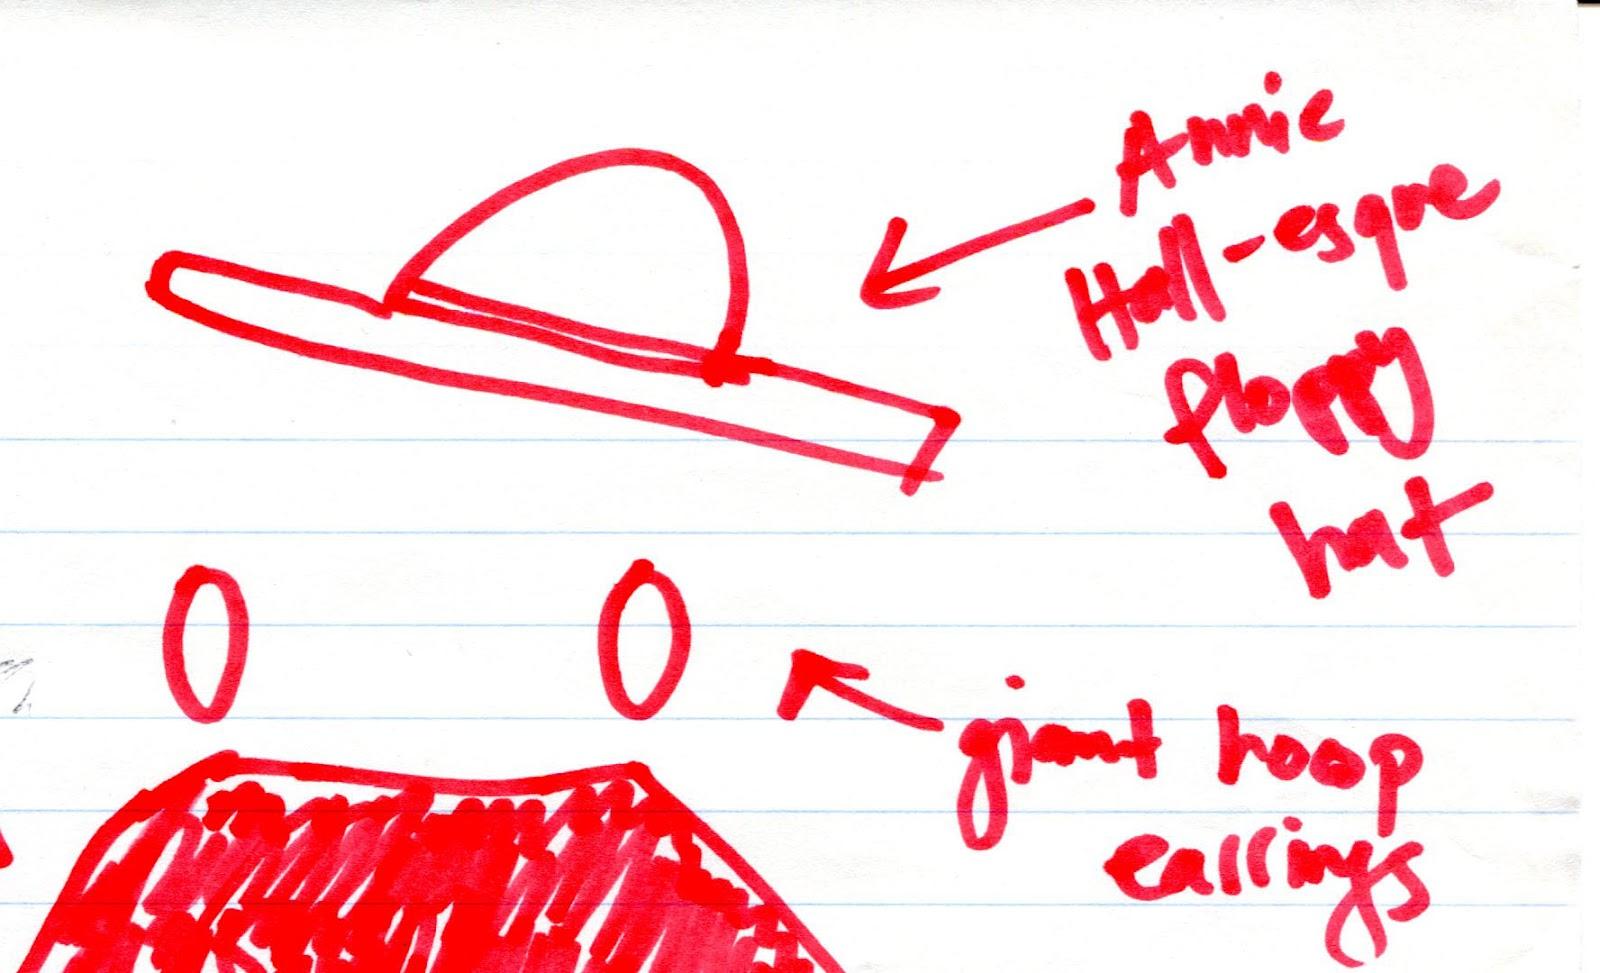 http://1.bp.blogspot.com/-Epy8h2qzmb8/UBQCxT7PXUI/AAAAAAAAAOk/fU4eGf6sifY/s1600/Annie+Hall+hat.jpg